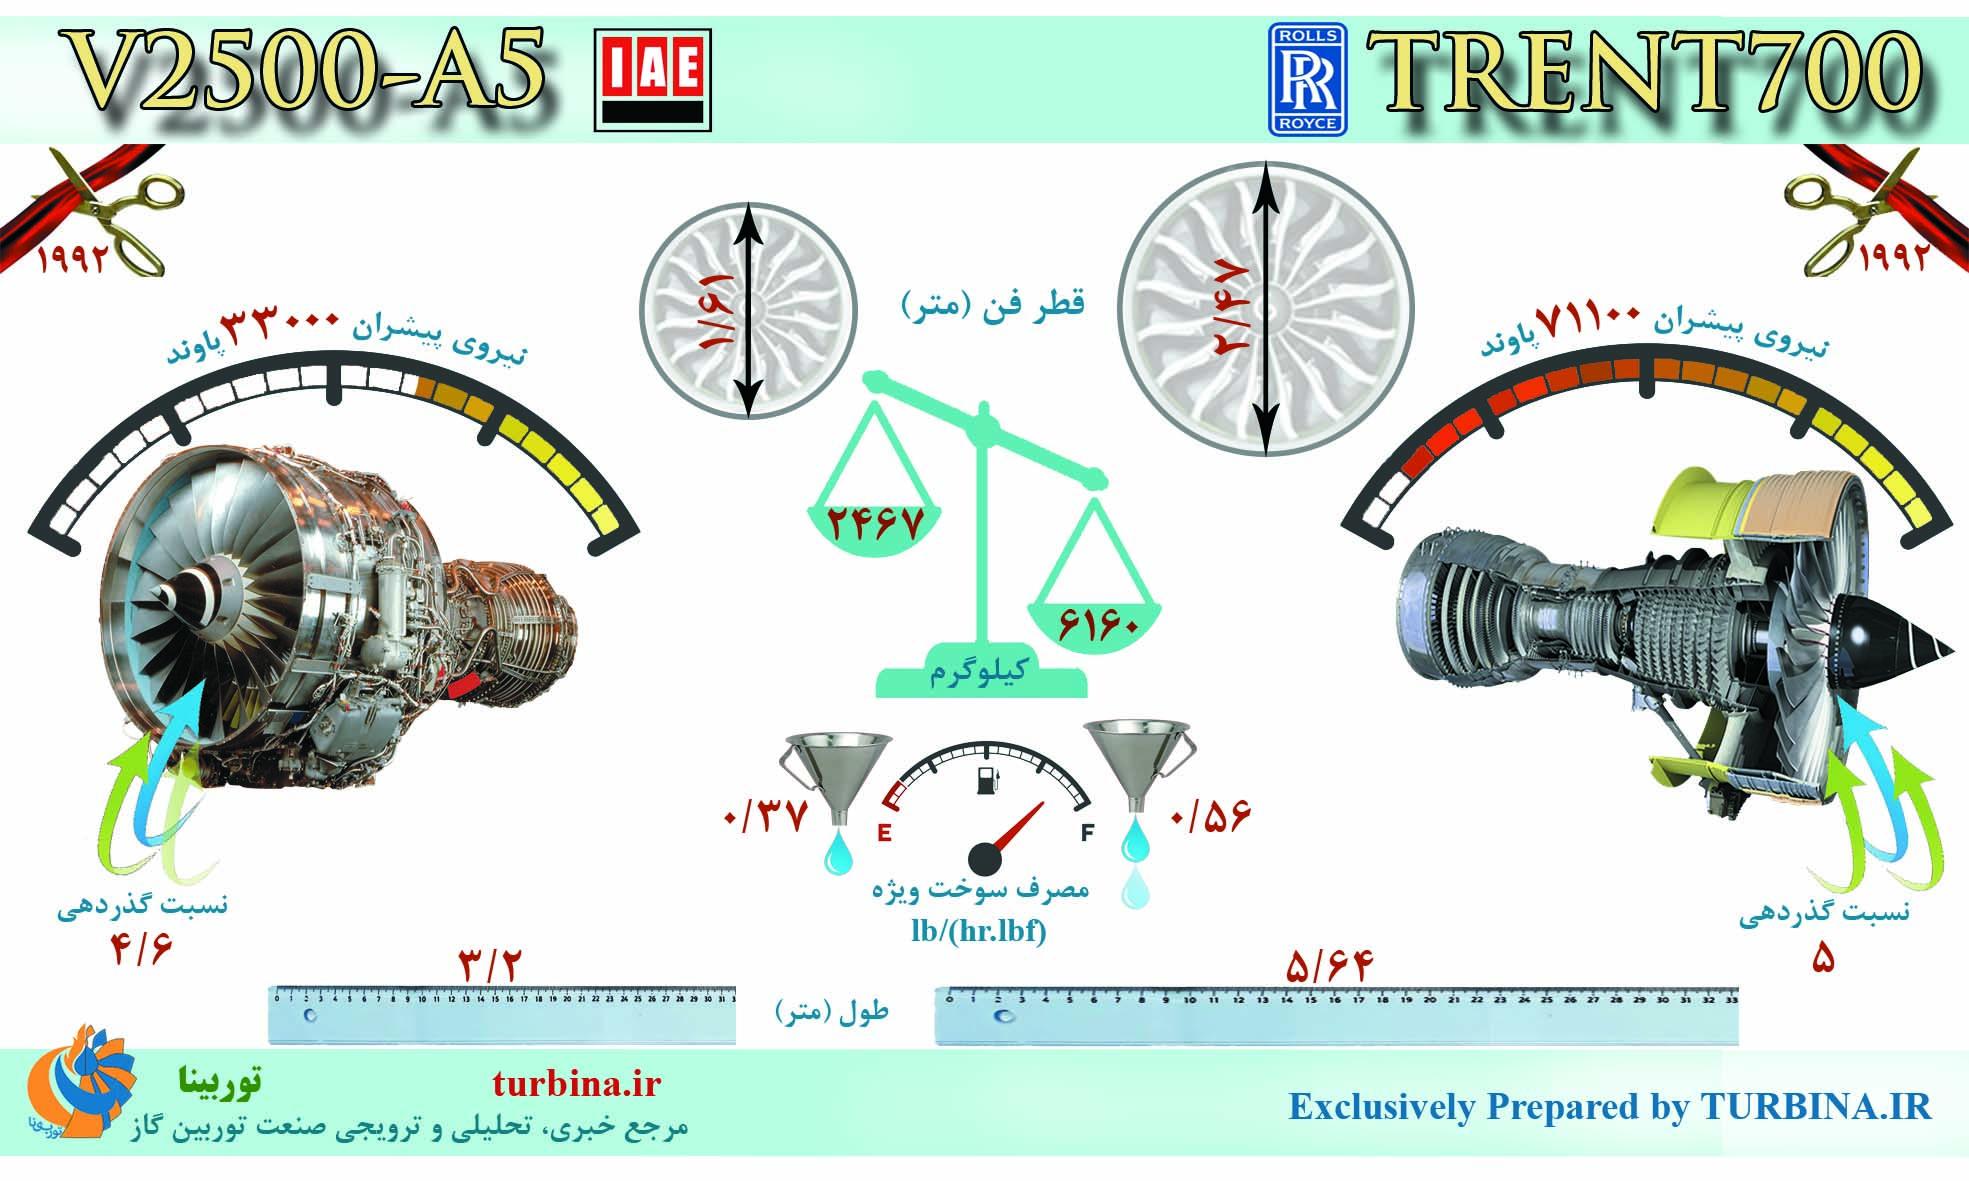 مقایسه موتورهای V2500-A5 و TRENT700